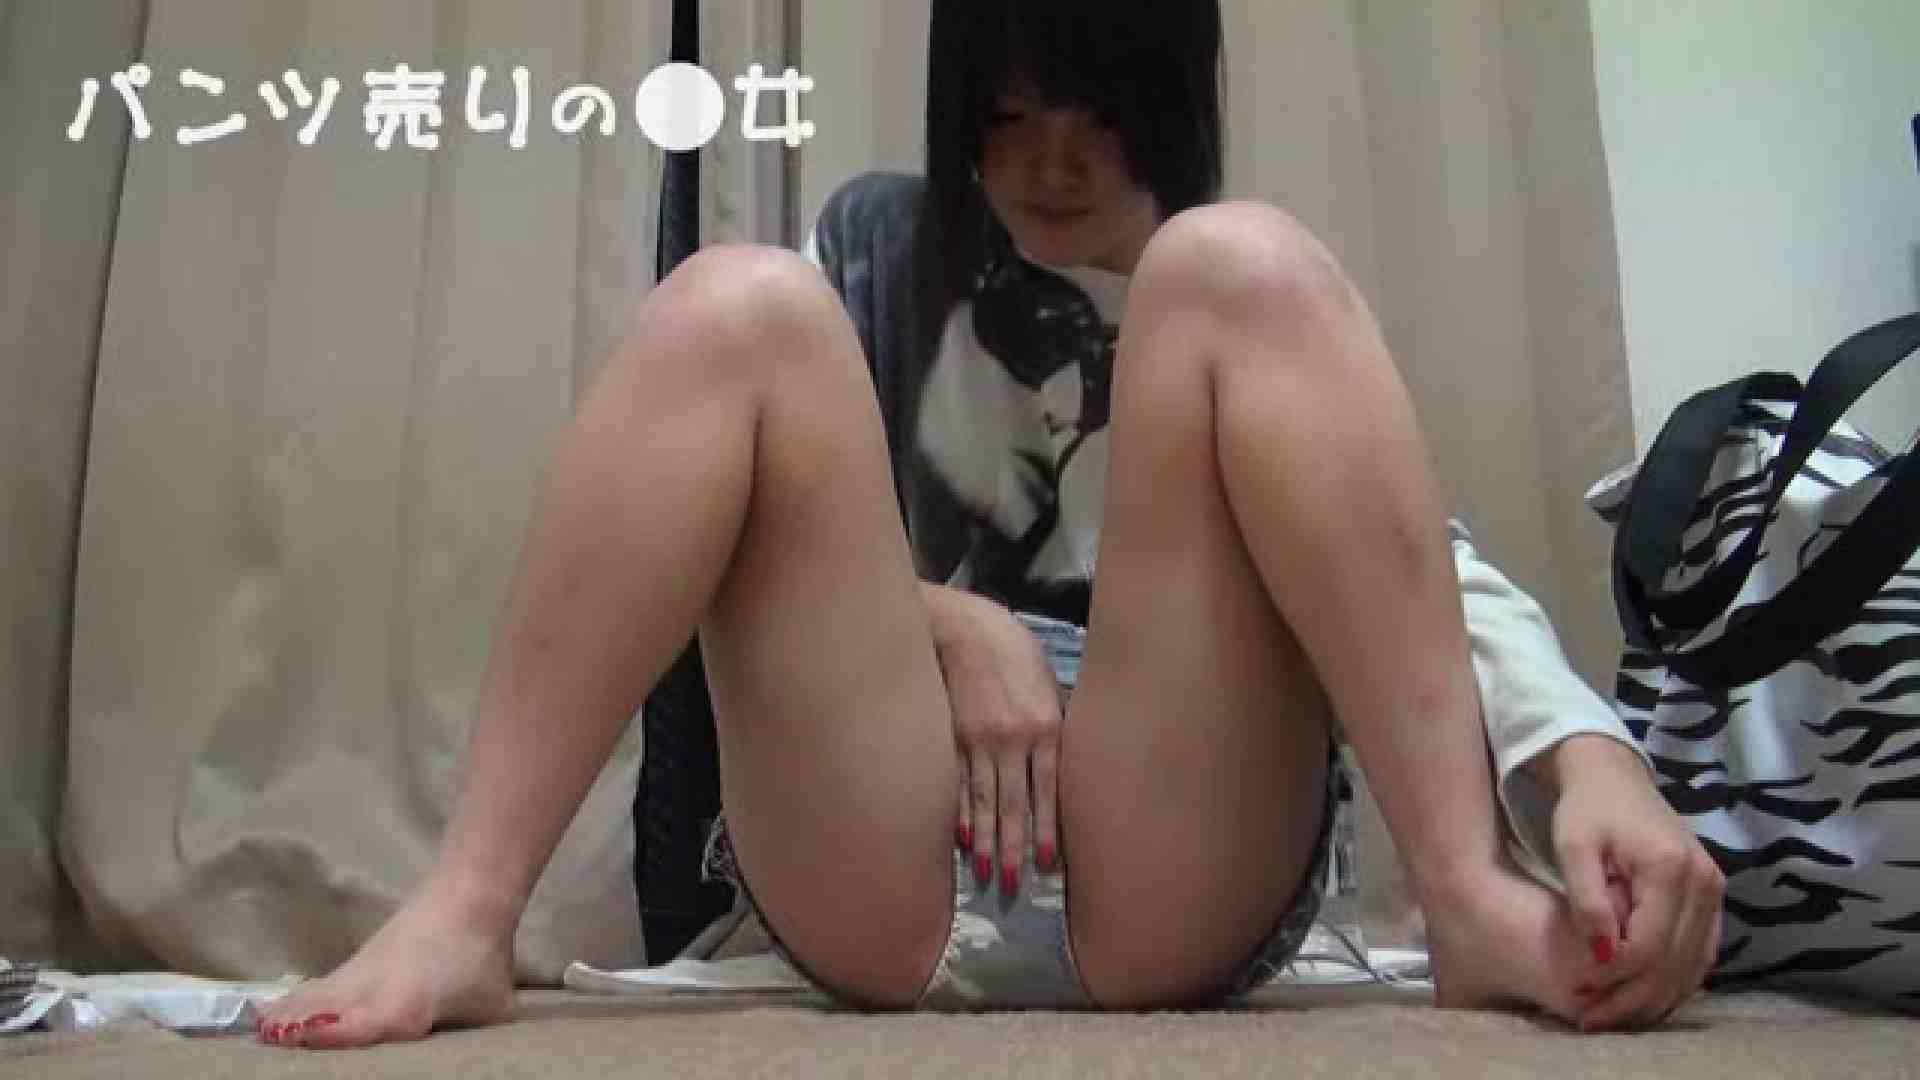 新説 パンツ売りの女の子mizuki02 一般投稿 | 0  103画像 19